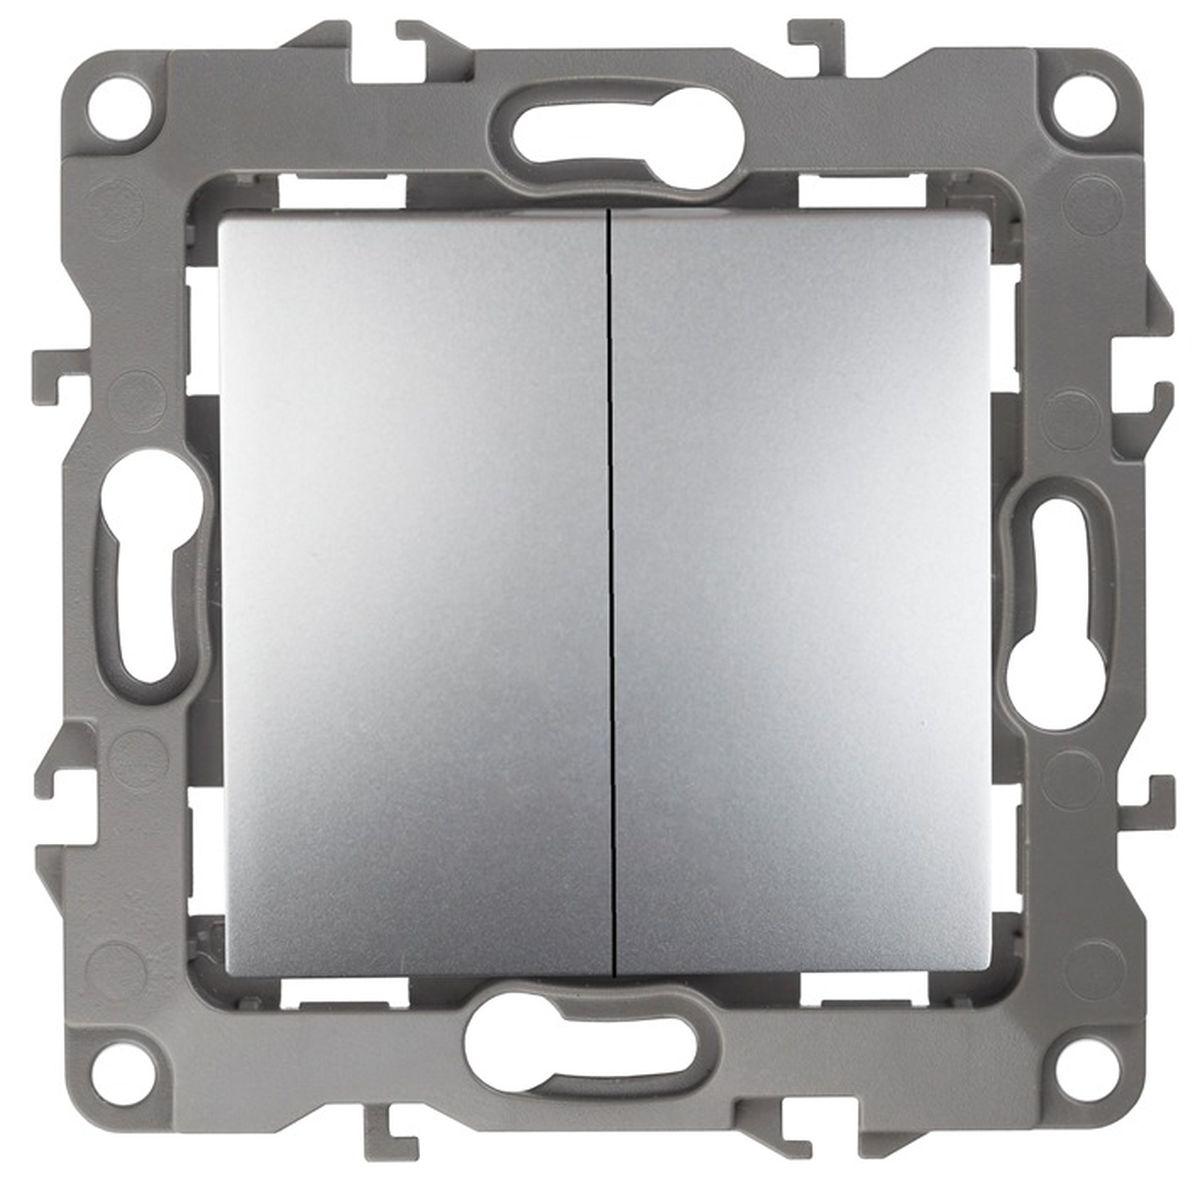 Выключатель ЭРА, двойной, цвет: серый. 12-100412-1004-03Двойной выключатель ЭРА выполнен из прочного пластика, контакты бронзовые. Изделие просто в установке, надежно в эксплуатации. Выключатель имеет специальные фиксаторы, которые не дают ему смещаться как при монтаже, так и в процессе эксплуатации. Автоматические зажимы кабеля обеспечивают быстрый и надежный монтаж изделия к электросети без отвертки и не требуют обслуживания в отличие от винтовых зажимов. УВАЖАЕМЫЕ КЛИЕНТЫ! Обращаем ваше внимание на тот факт, что монтажные лапки в комплект не входят.